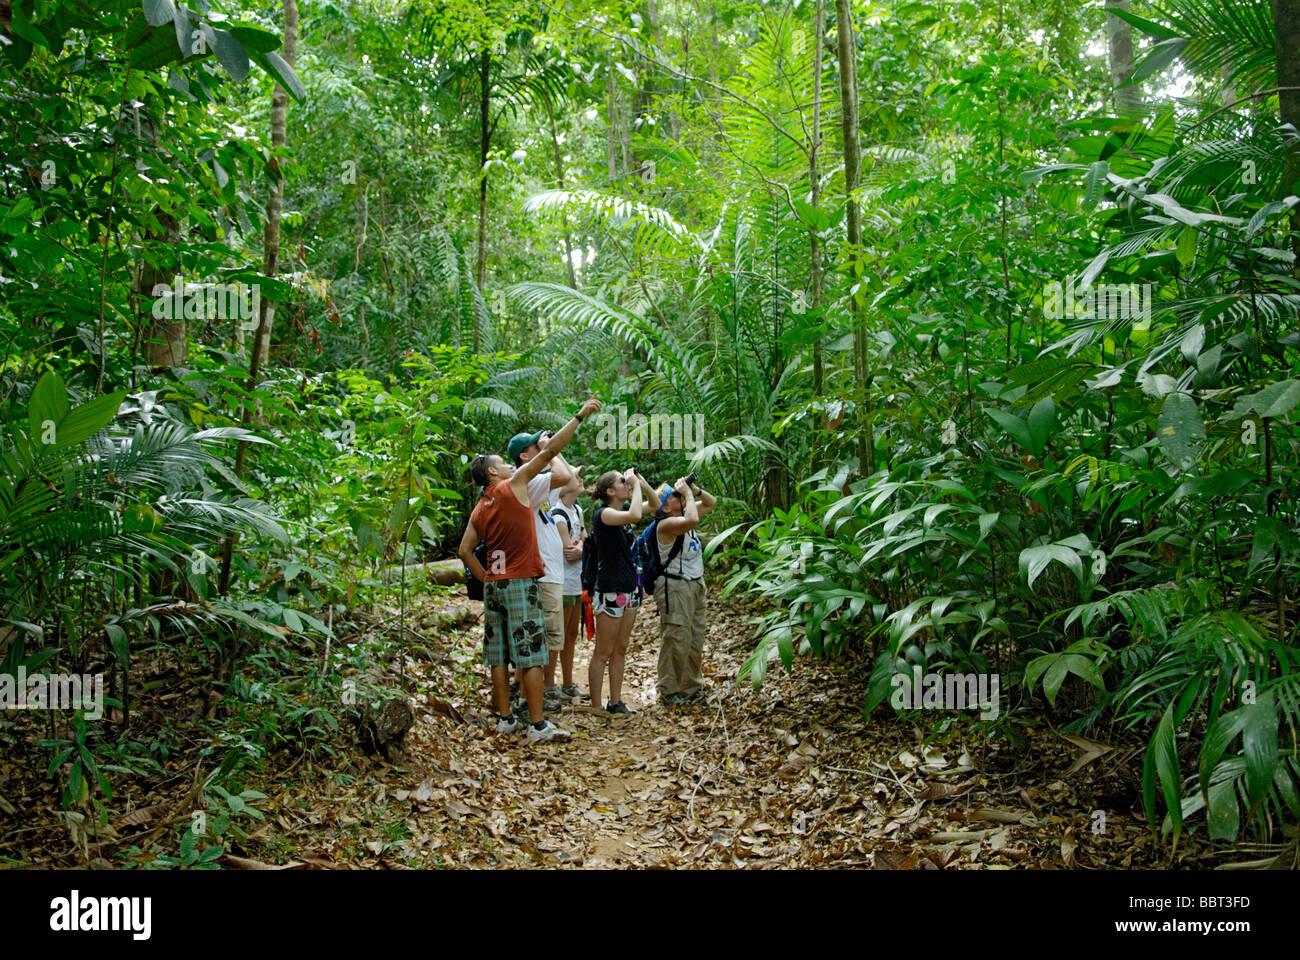 L'observation de la faune dans la forêt tropicale, le Costa Rica, l'écotourisme avec un guide Photo Stock